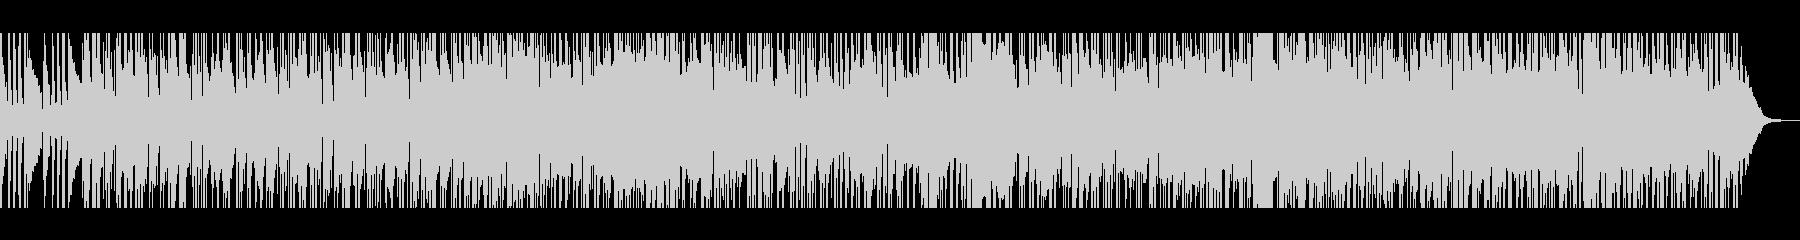 ピアノメロディーのムーディーなボサノバの未再生の波形